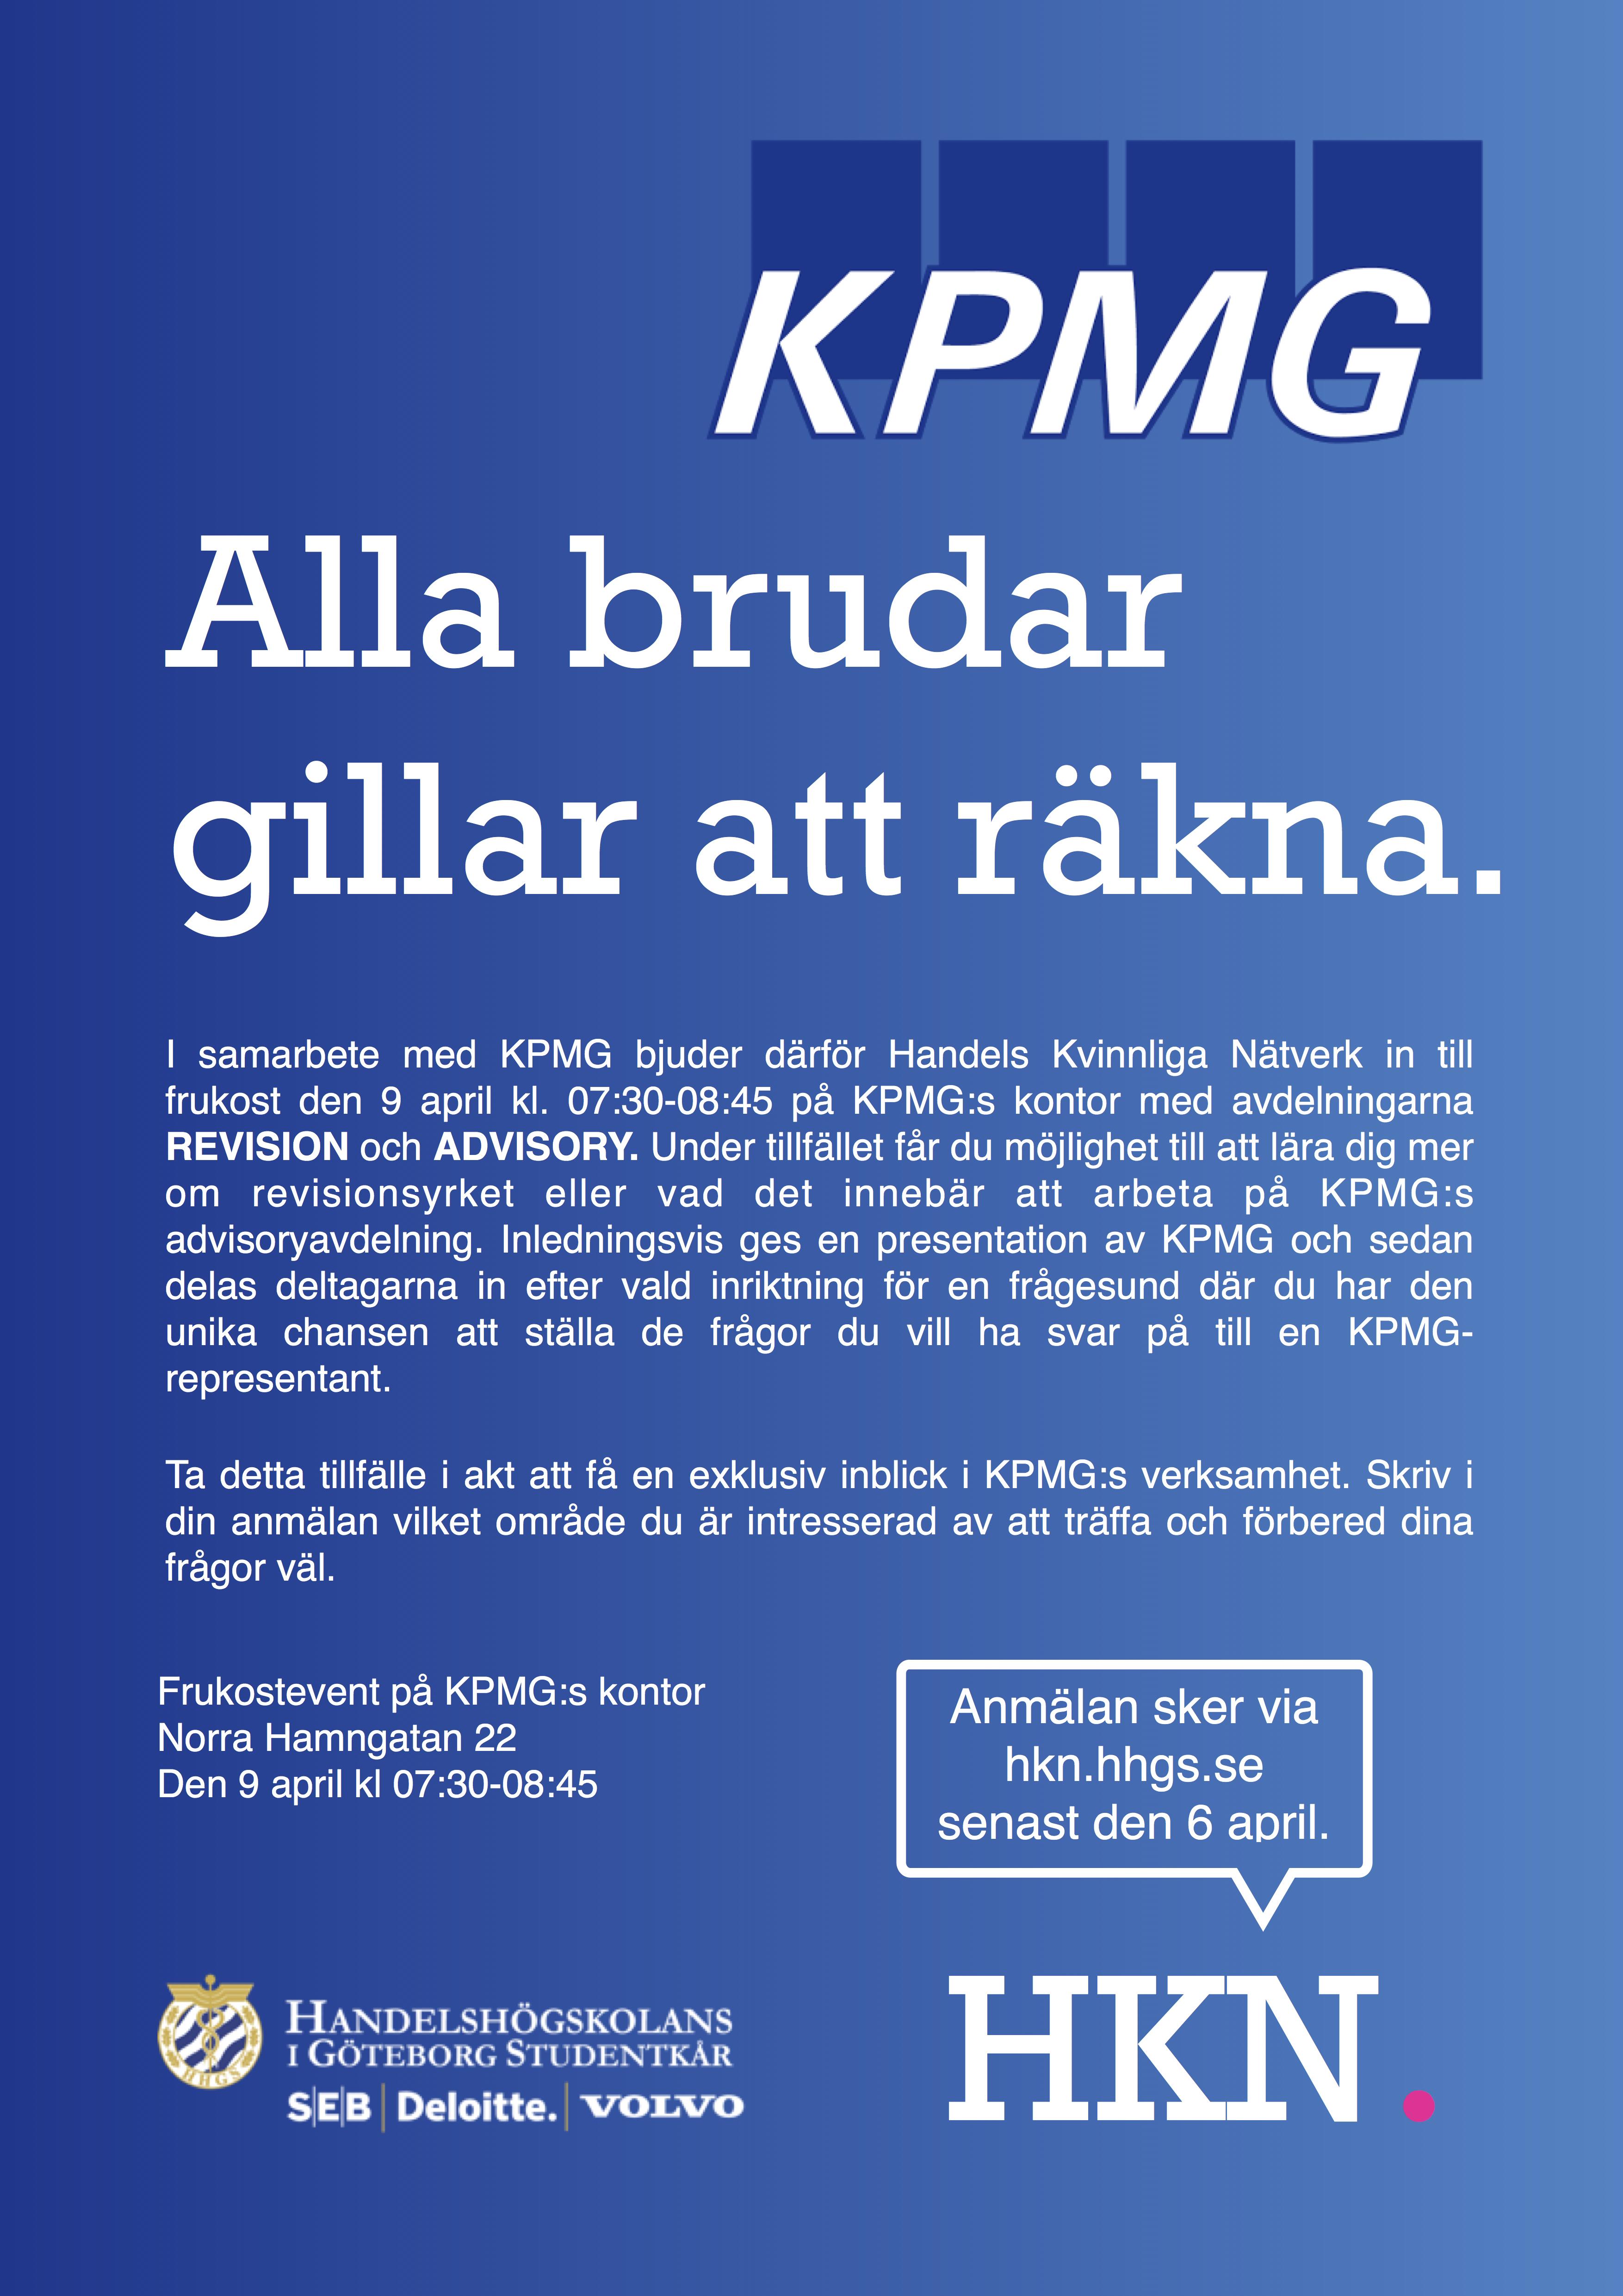 KPMG frukostevent VT 2015